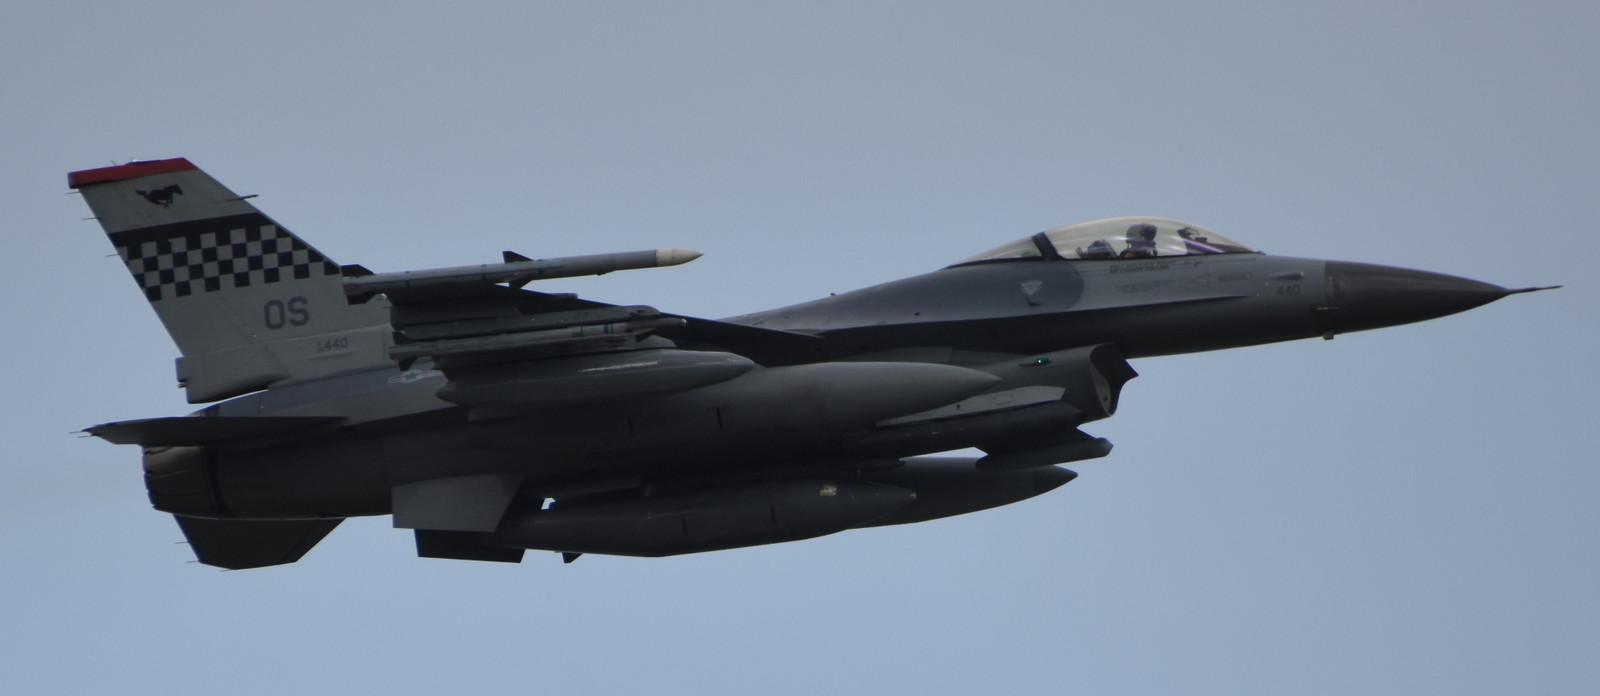 F16cm170604g355